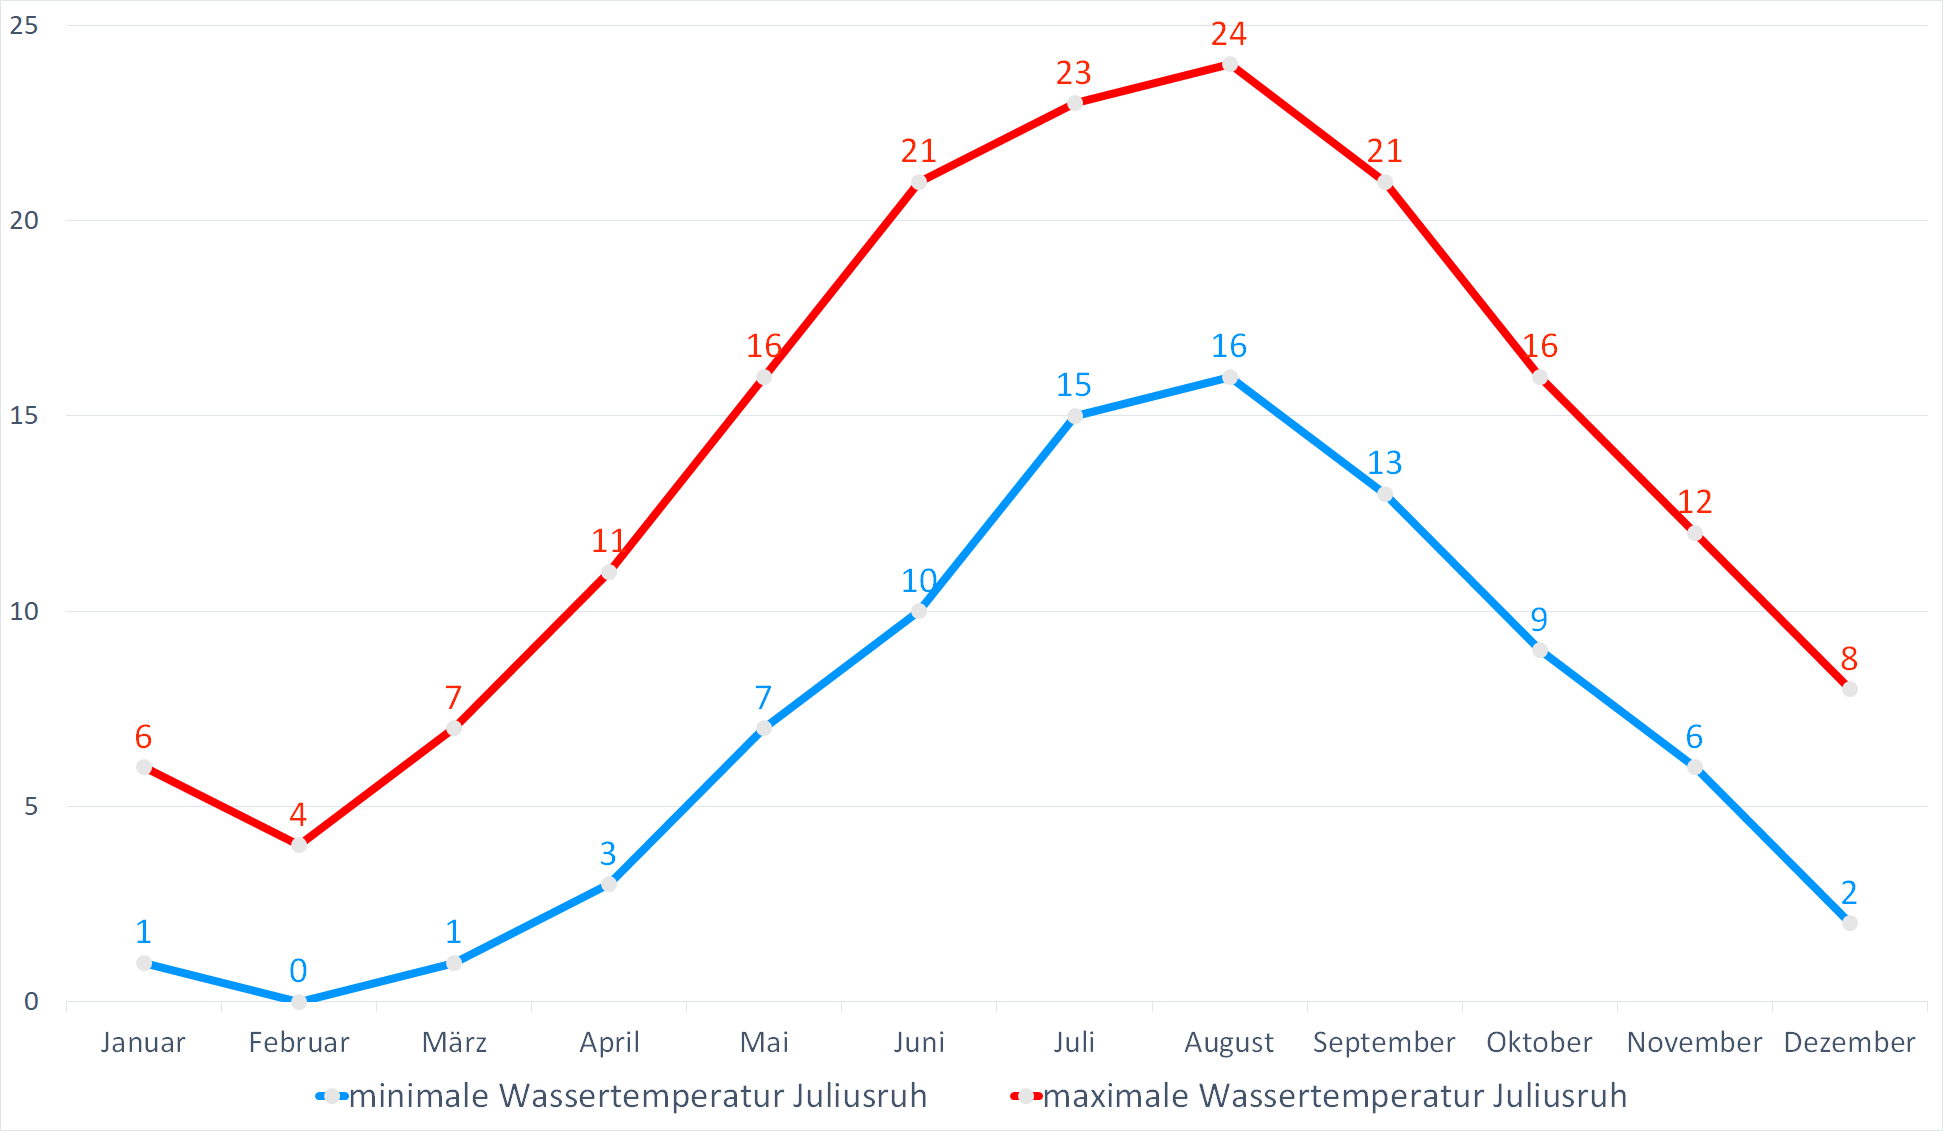 Minimale & Maximale Wassertemperaturen für Juliusruh im Jahresverlauf